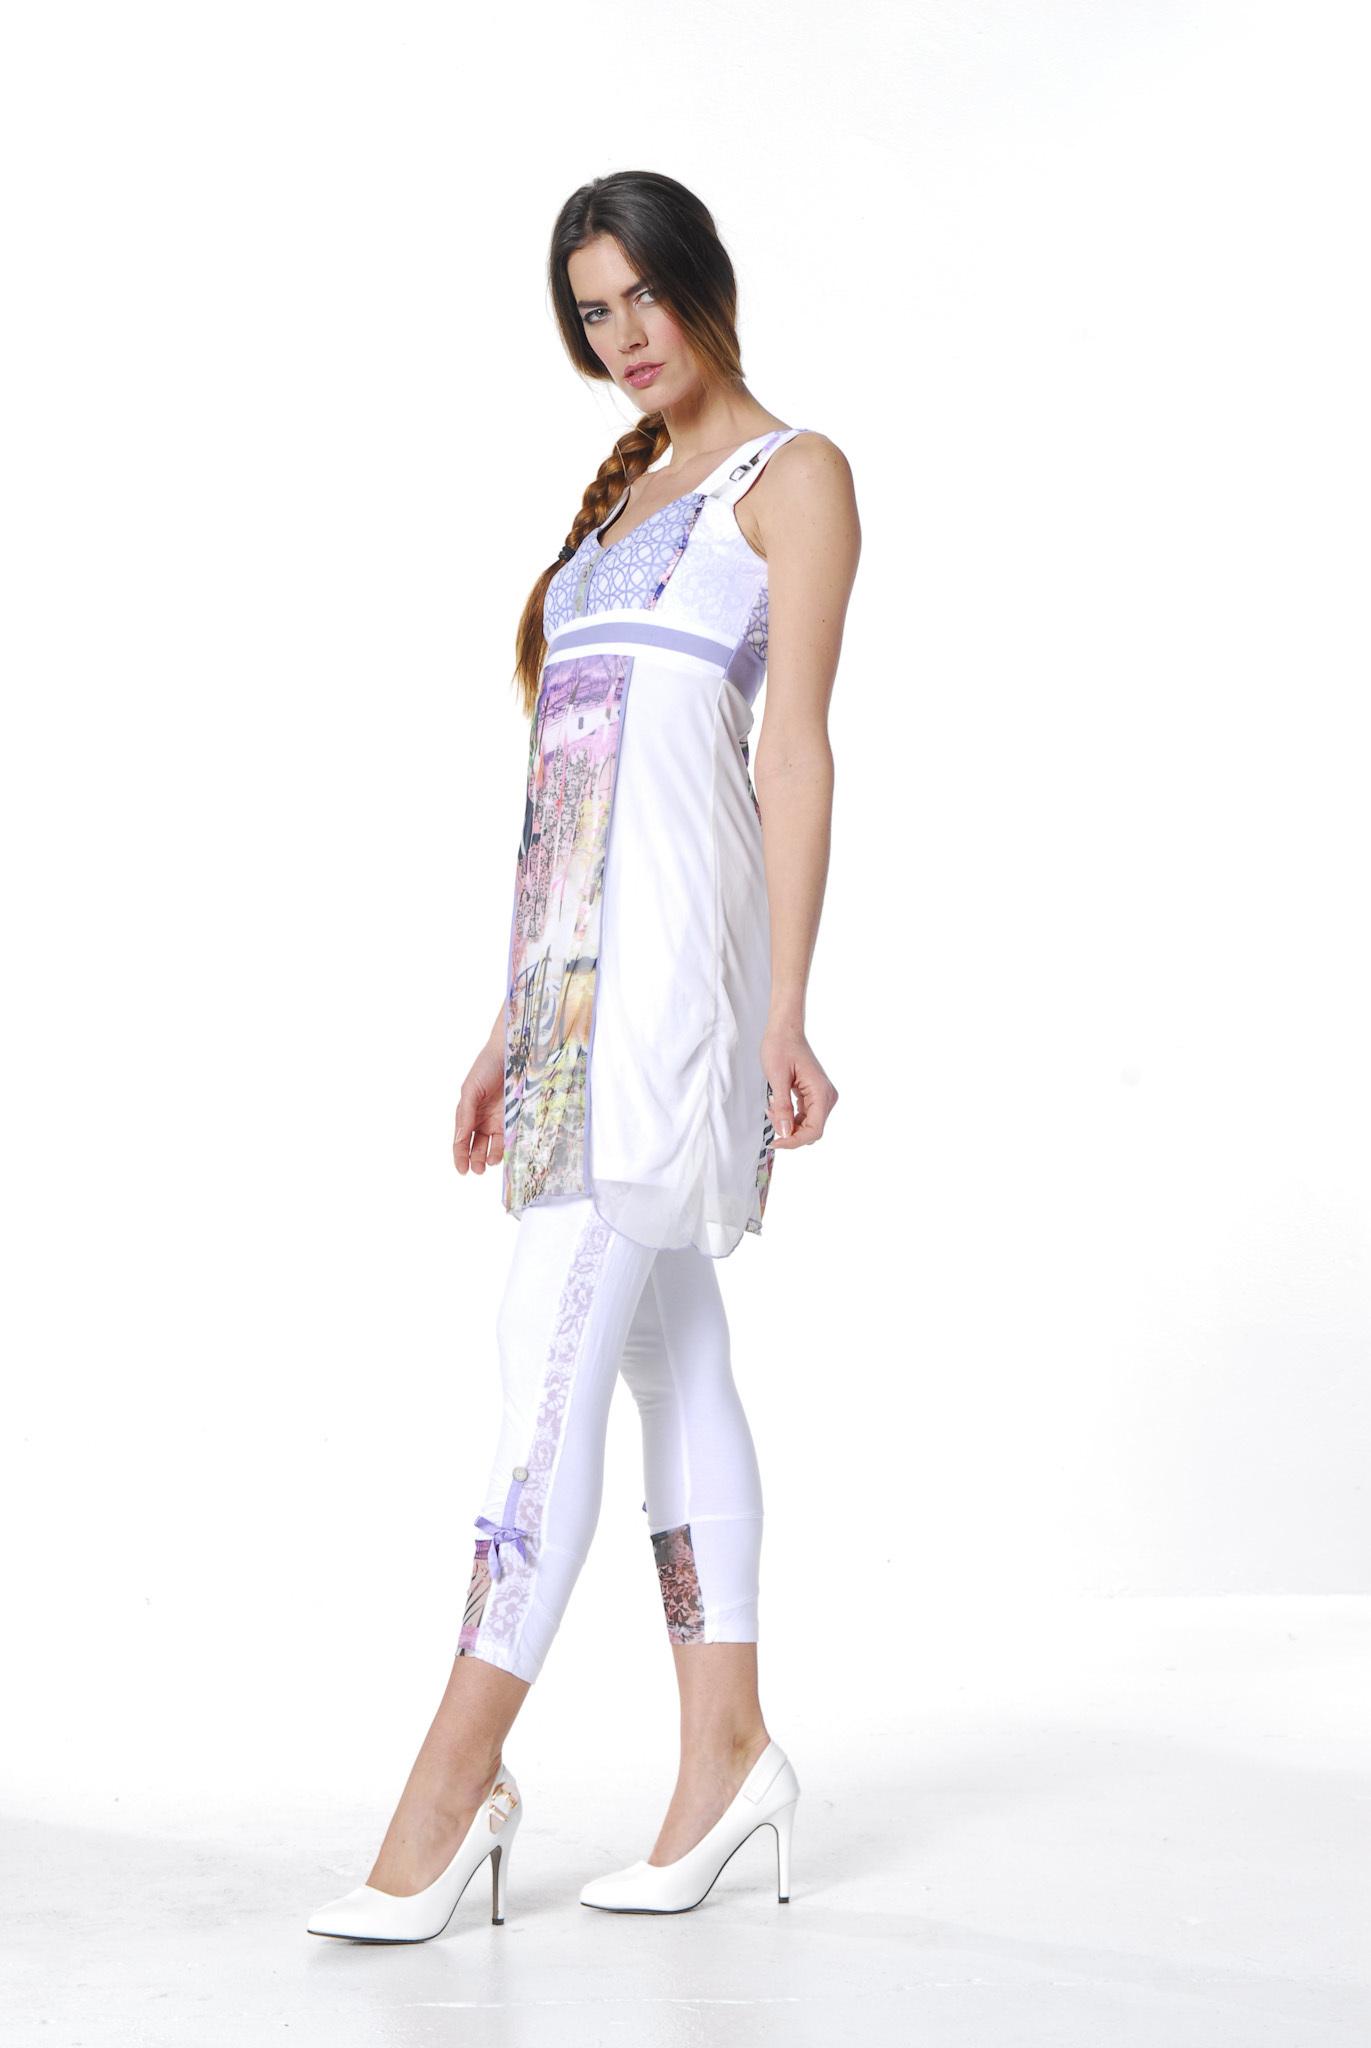 Les Fees Du Vent Couture: Radiant Pastel Princess Tunic (3 Left!)